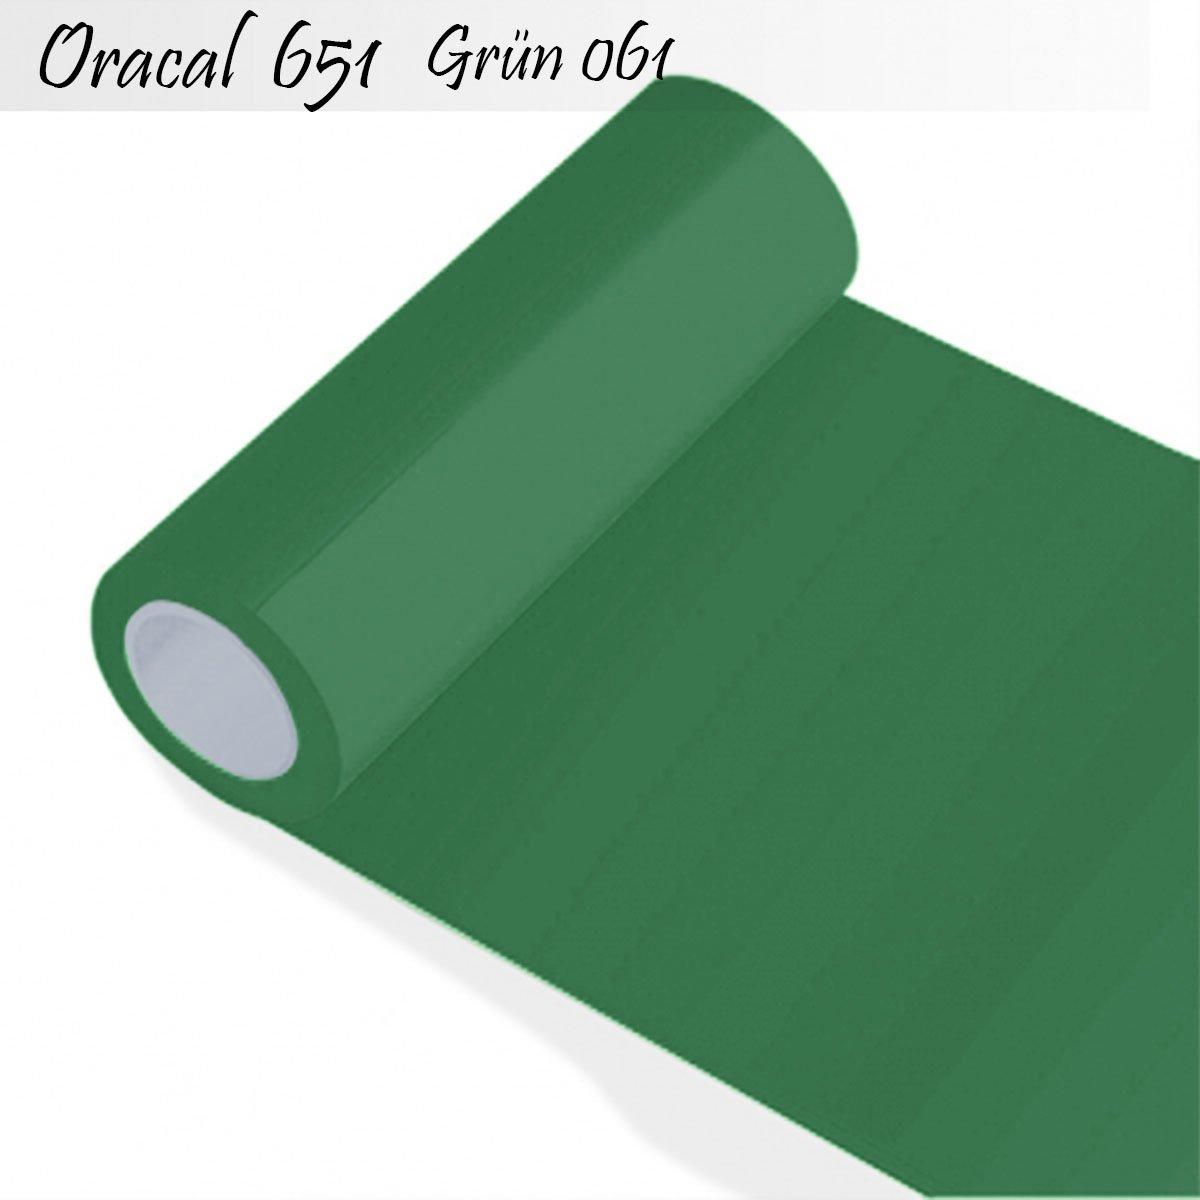 Oracal 651 - Orafol Folie 10m (Laufmeter) freie Farbwahl 55 55 55 glänzende Farben - glanz in 4 Größen, 63 cm Folienhöhe - Farbe 70 - schwarz B00TRTF3NE Wandtattoos & Wandbilder c45aed